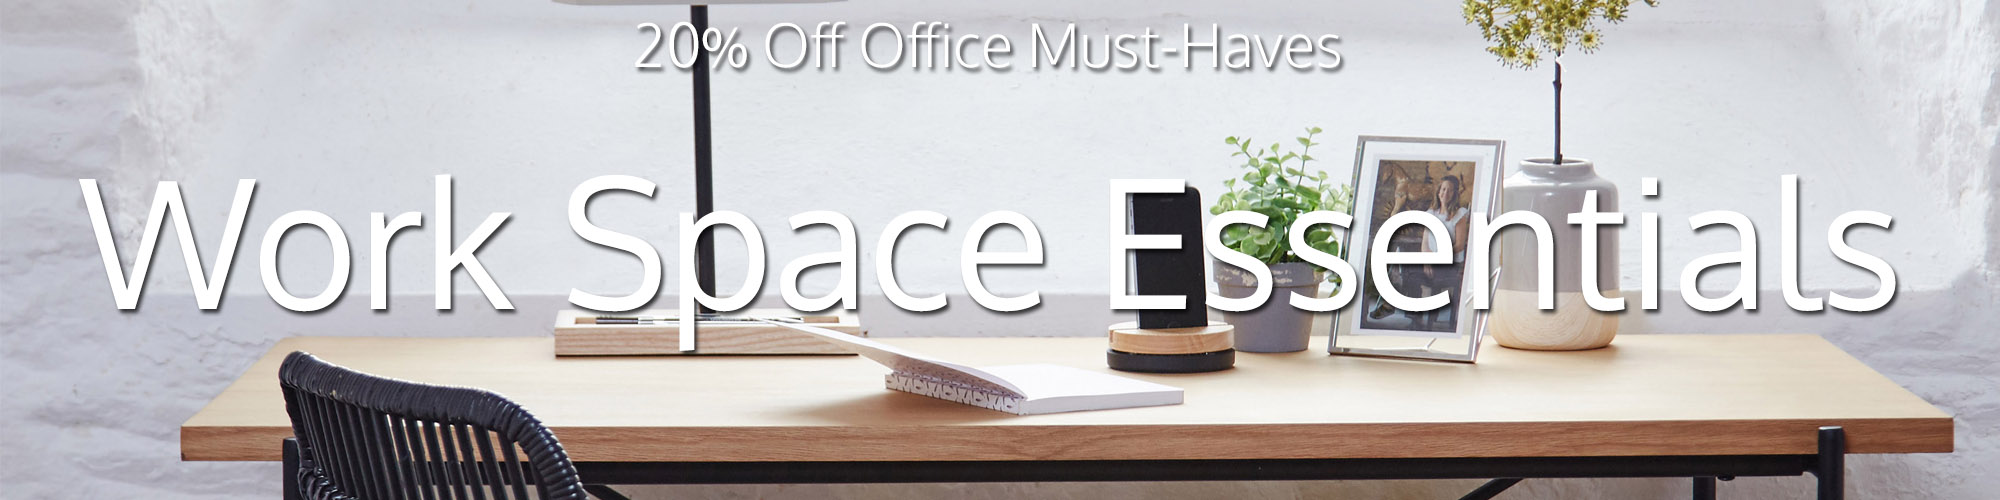 Work Space Essentials